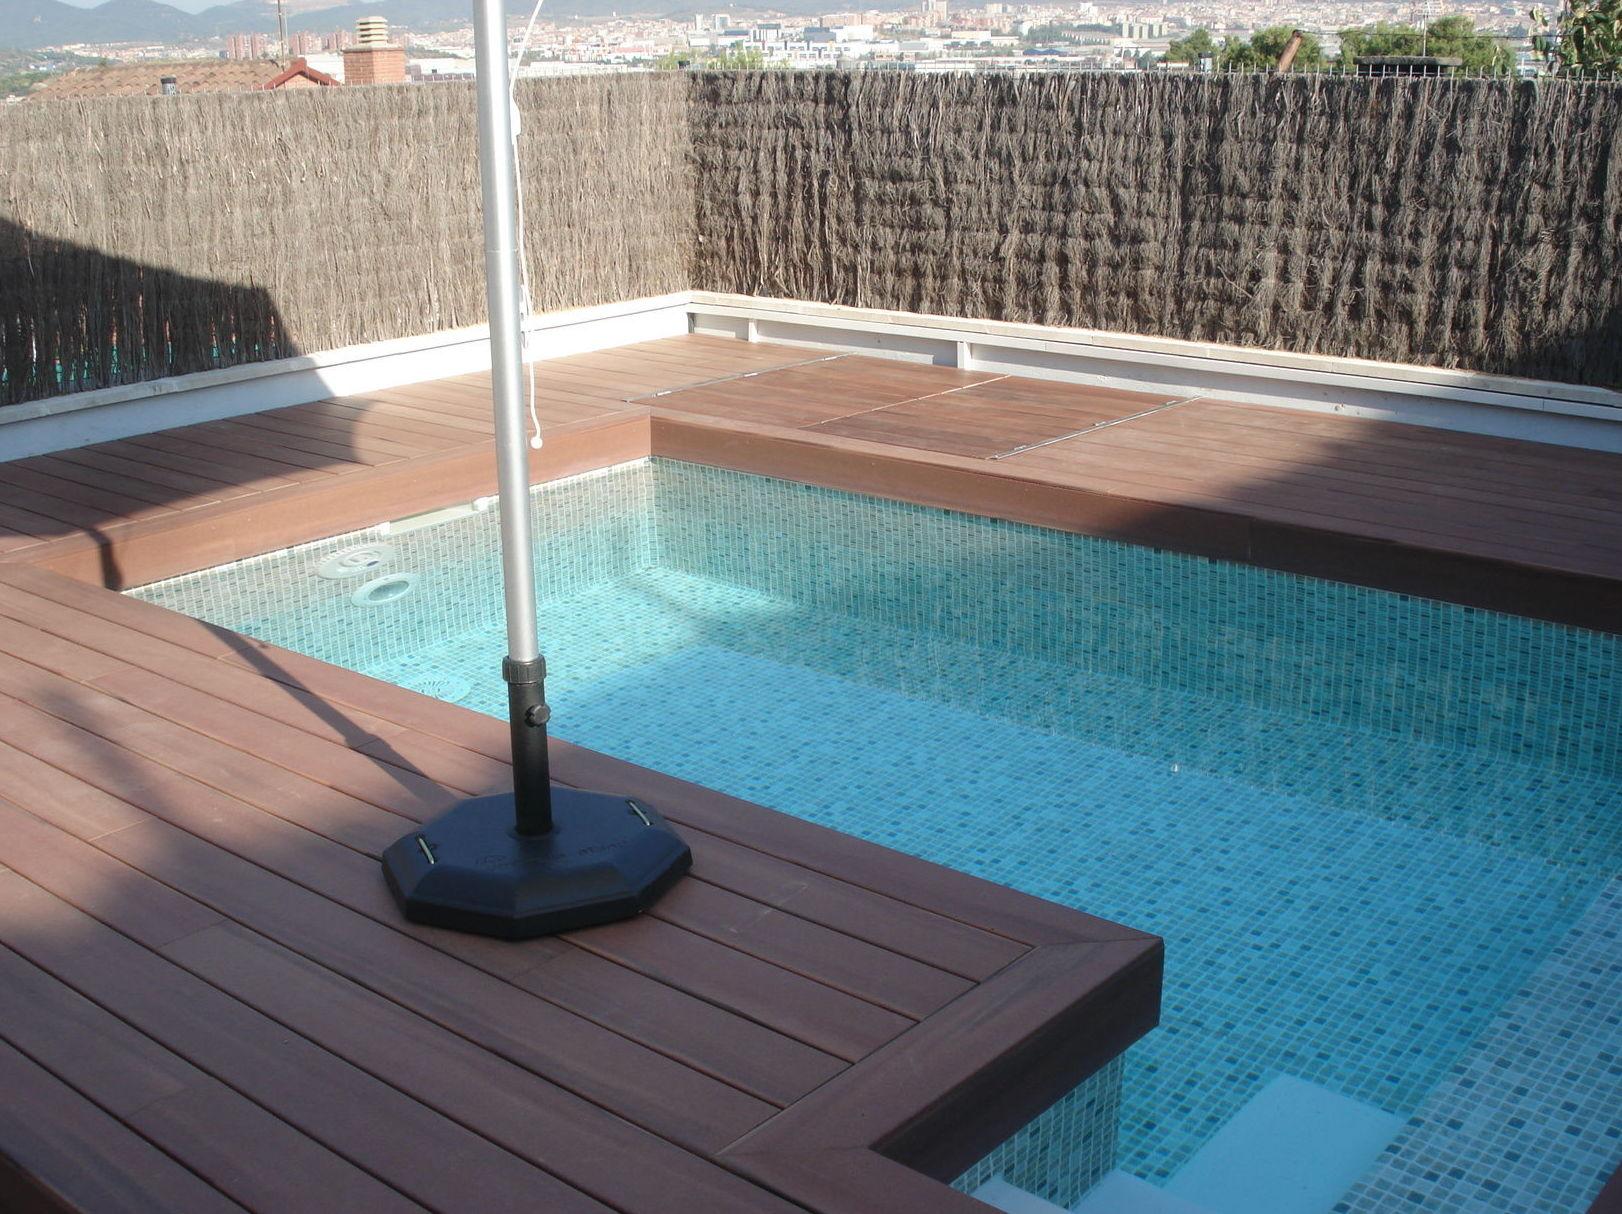 Tarima de exteriores para piscinas 11 - Tarima para piscinas ...